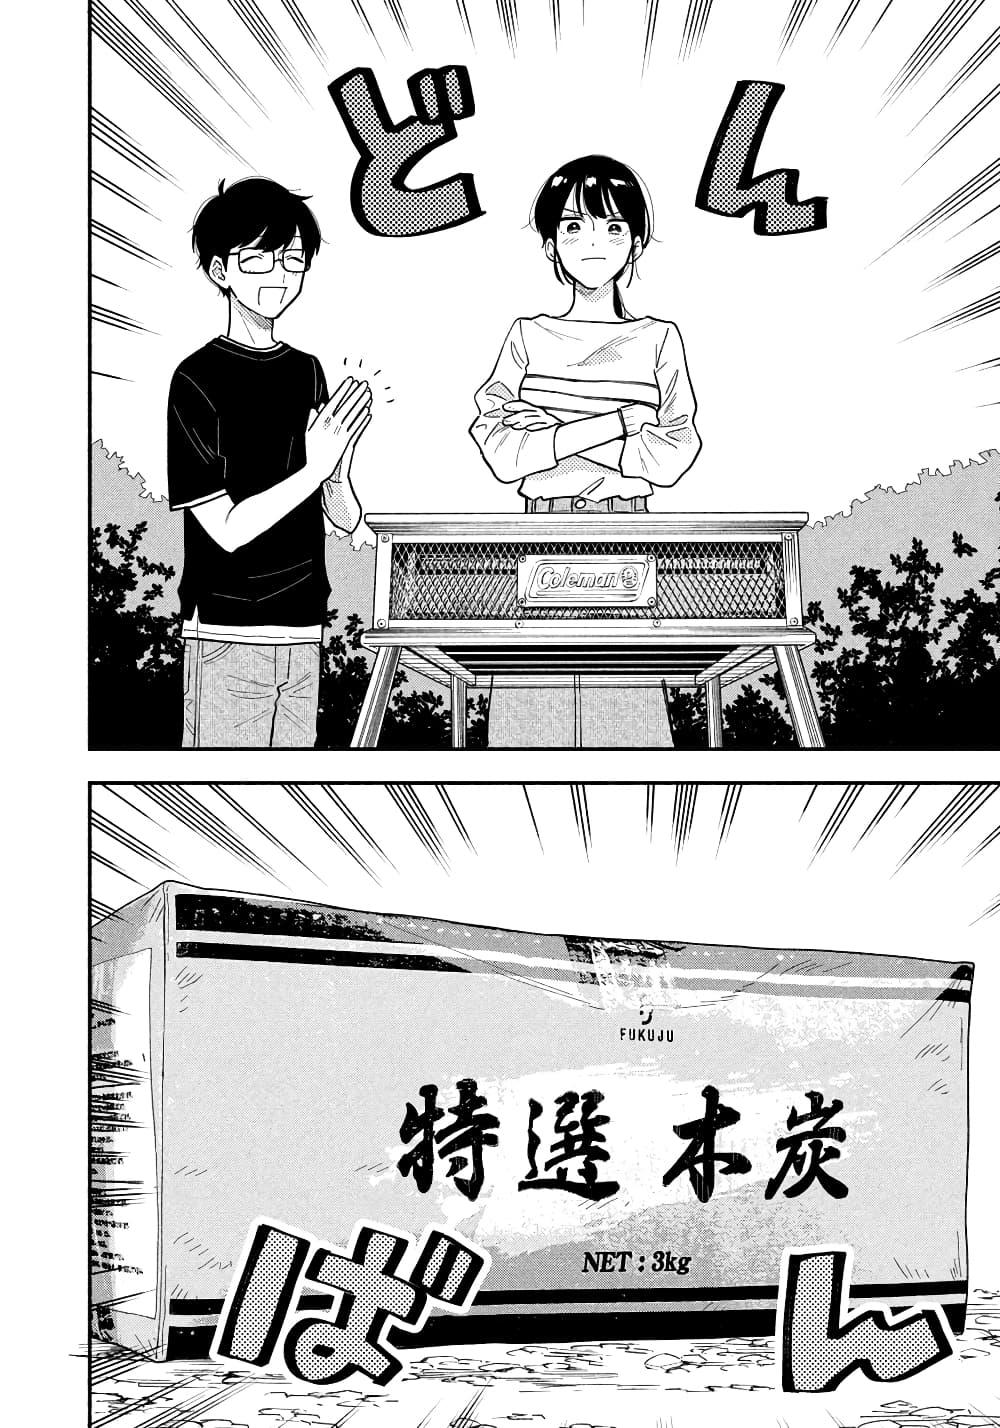 อ่านการ์ตูน Yaiteru Futari ตอนที่ 12 หน้าที่ 6